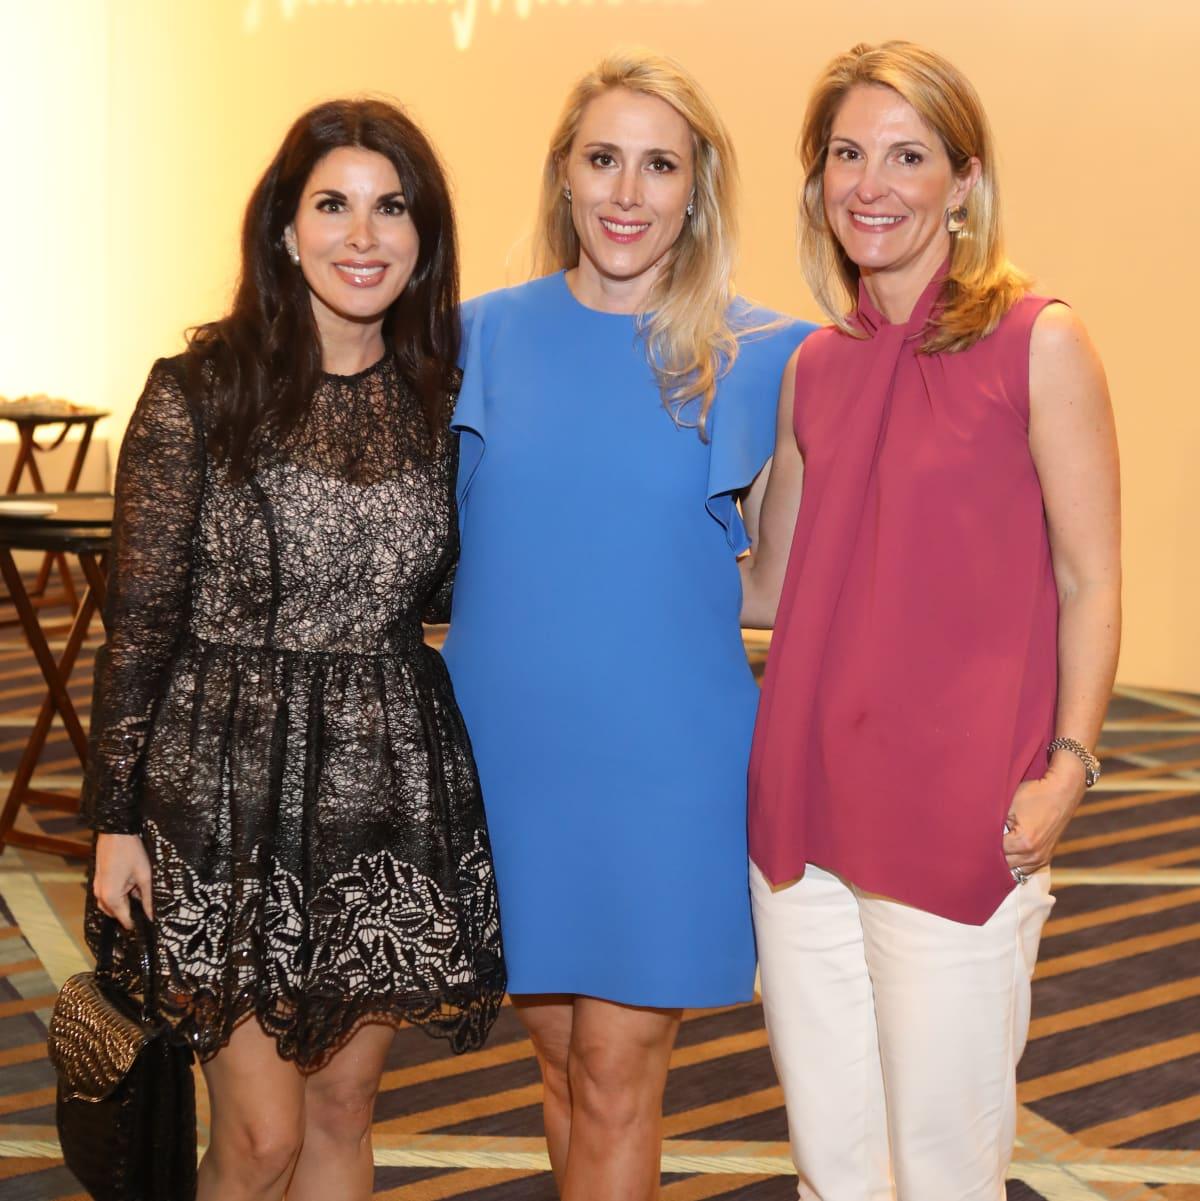 Alissa Maples, Christie Sullivan, Unidentified guest at Best Dressed Luncheon 2017